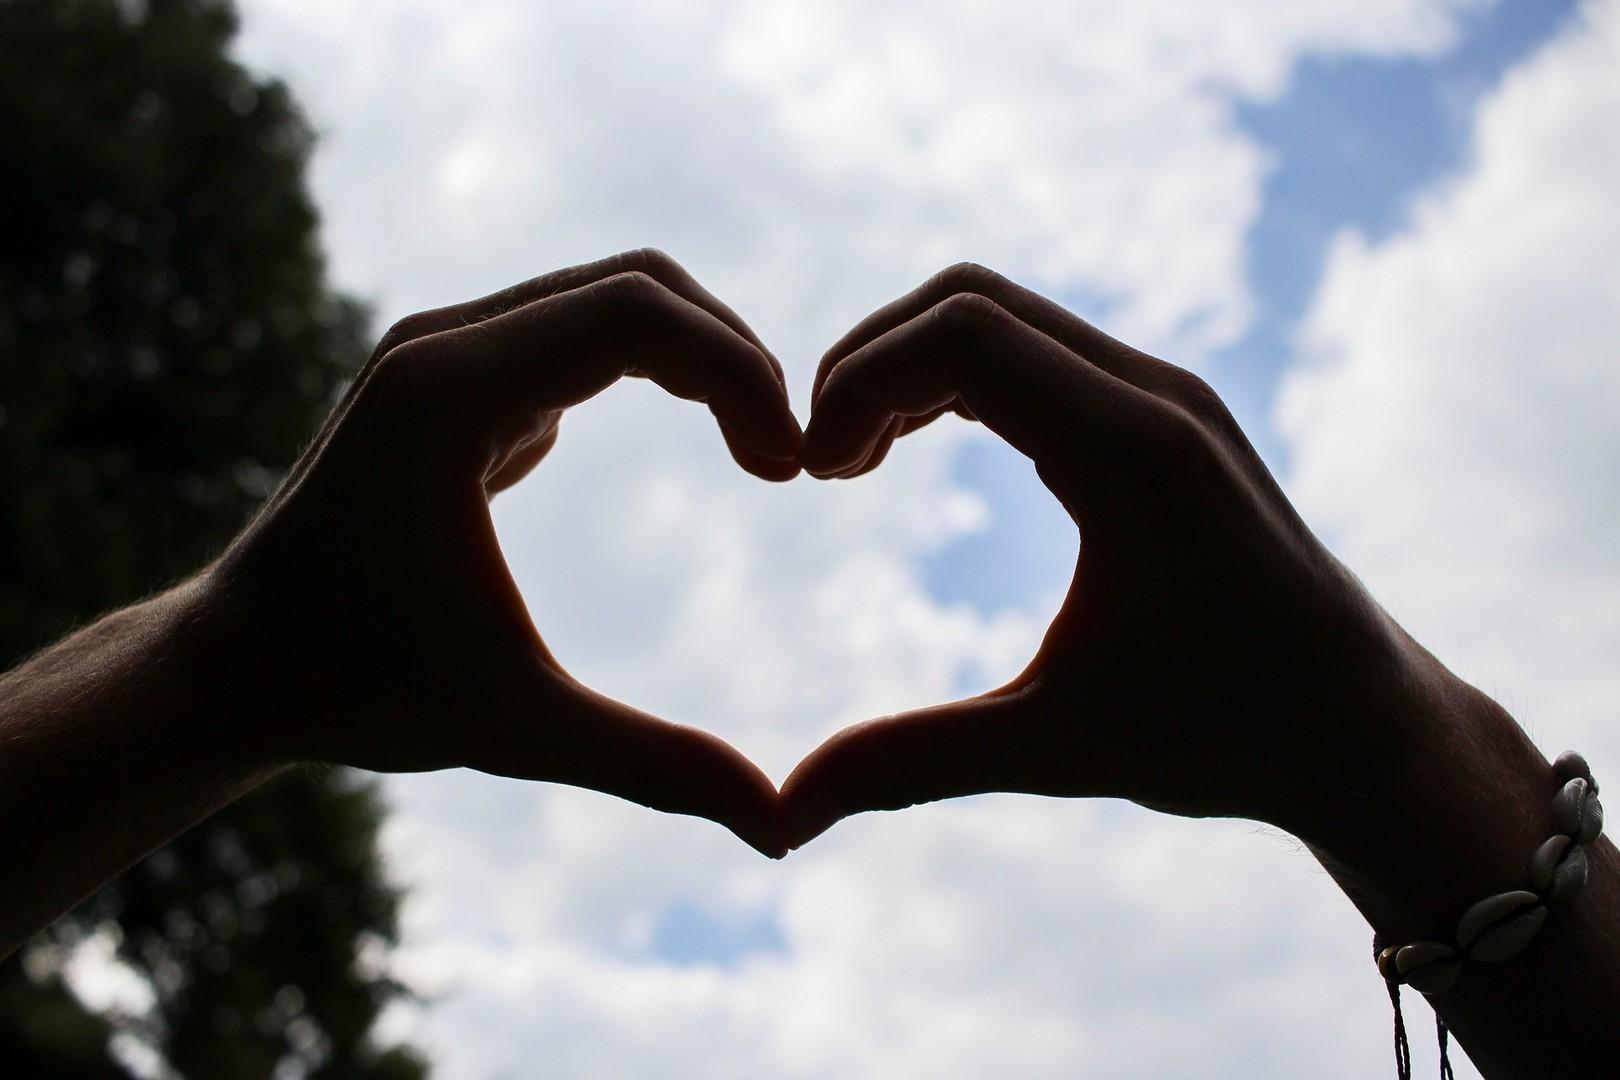 Сколько длится влюбленность: чувства, влюбленность, любовь